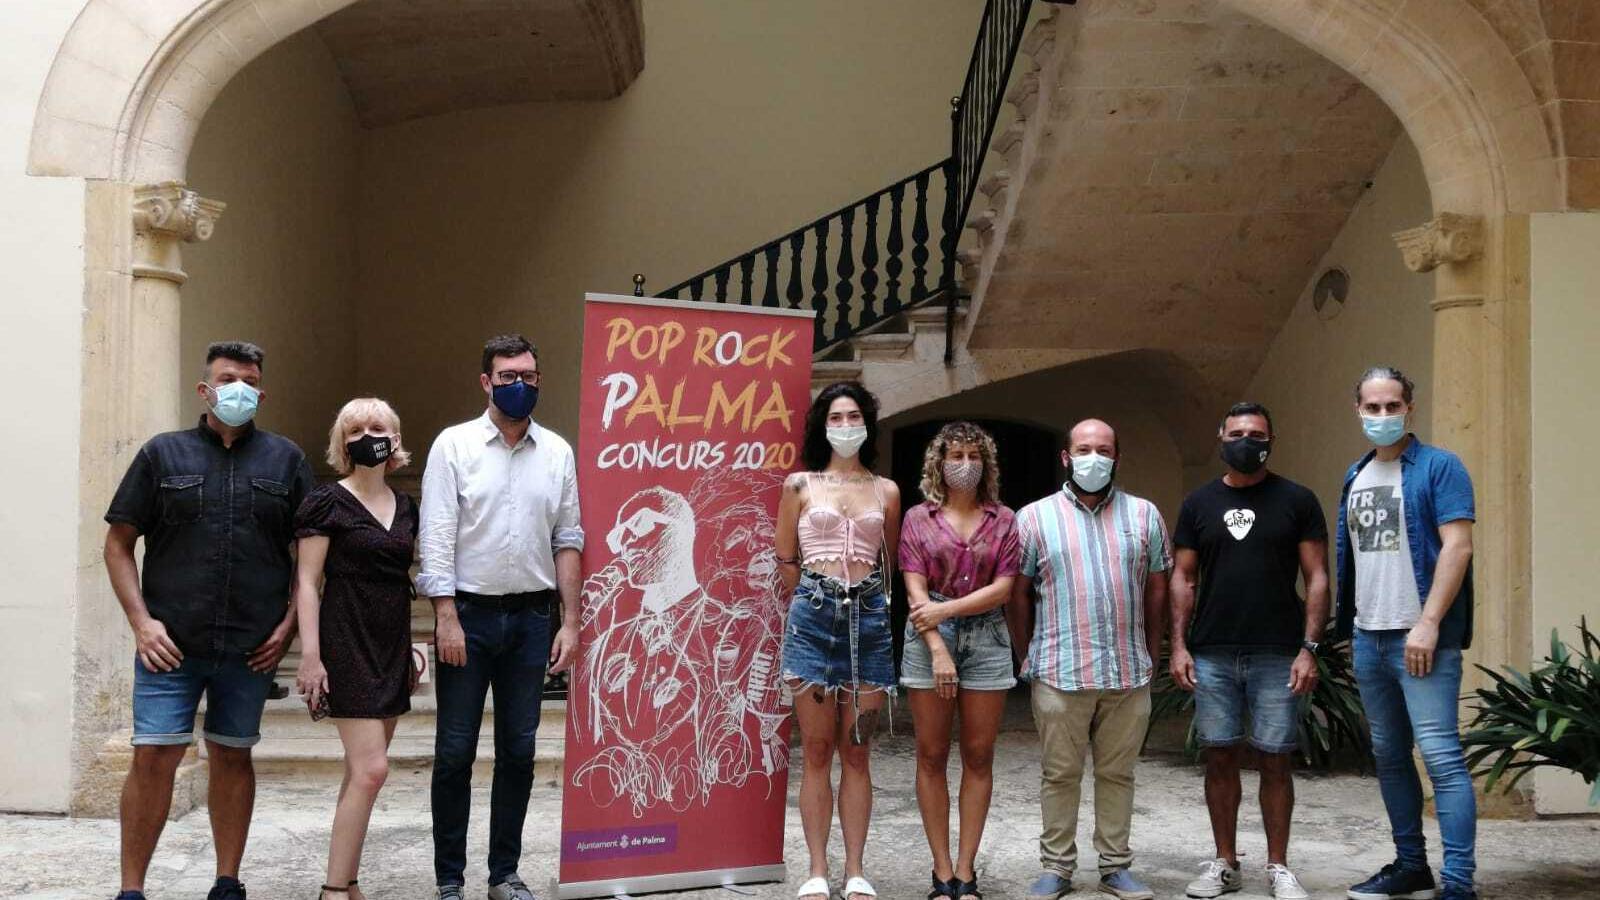 El regidor de Cultura, Antoni Noguera, i el director general de música i arts escèniques, Miquel Àngel Contreras, amb els membred el jurat del concurs  de Pop Rock de Palma.